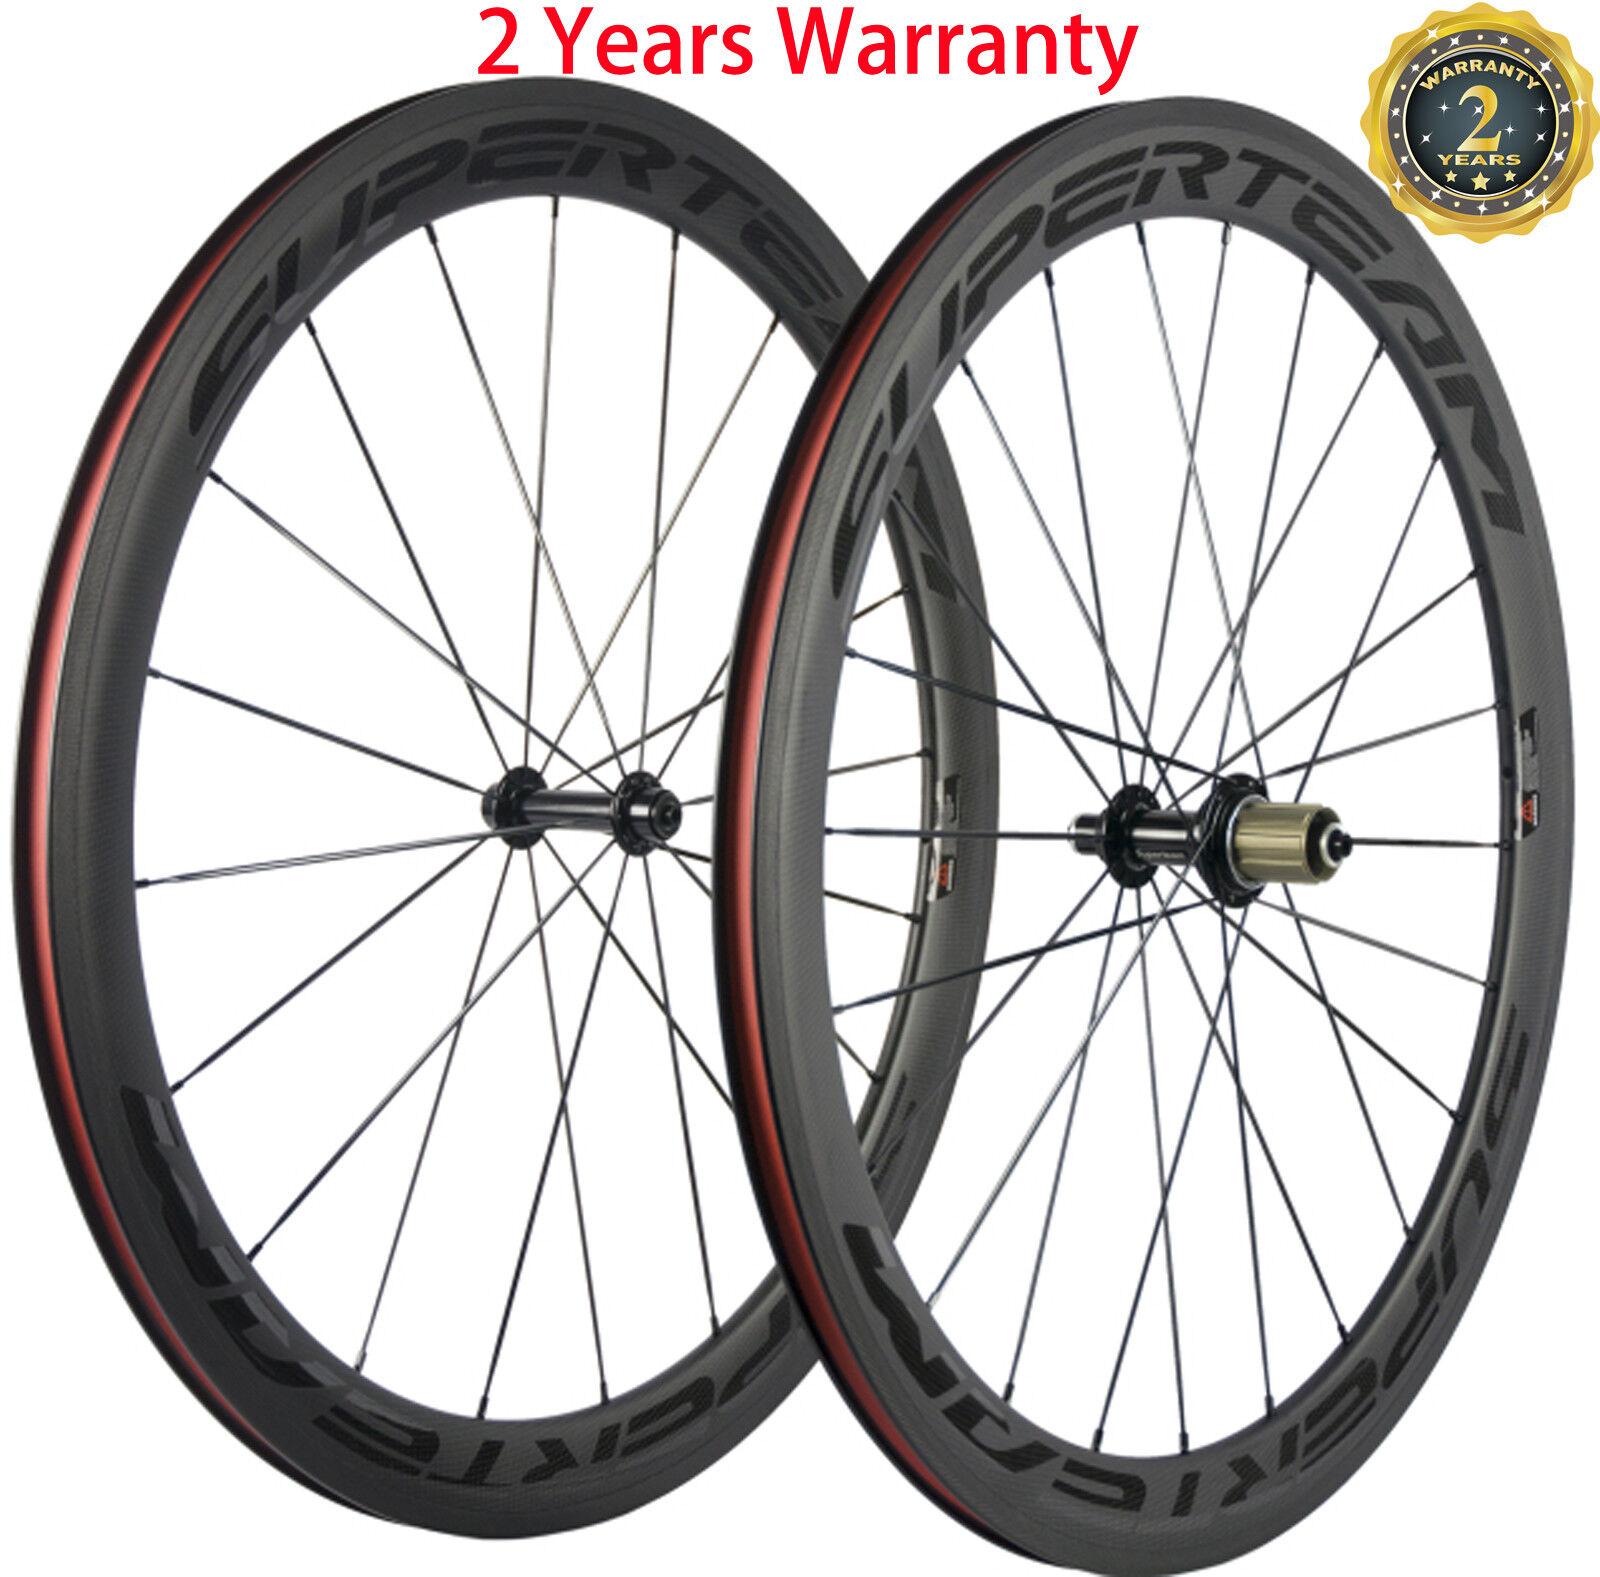 Superteam Road bIicycle Wheels 50mm Clincher Road Wheelset Powerway R13 R36 Hub